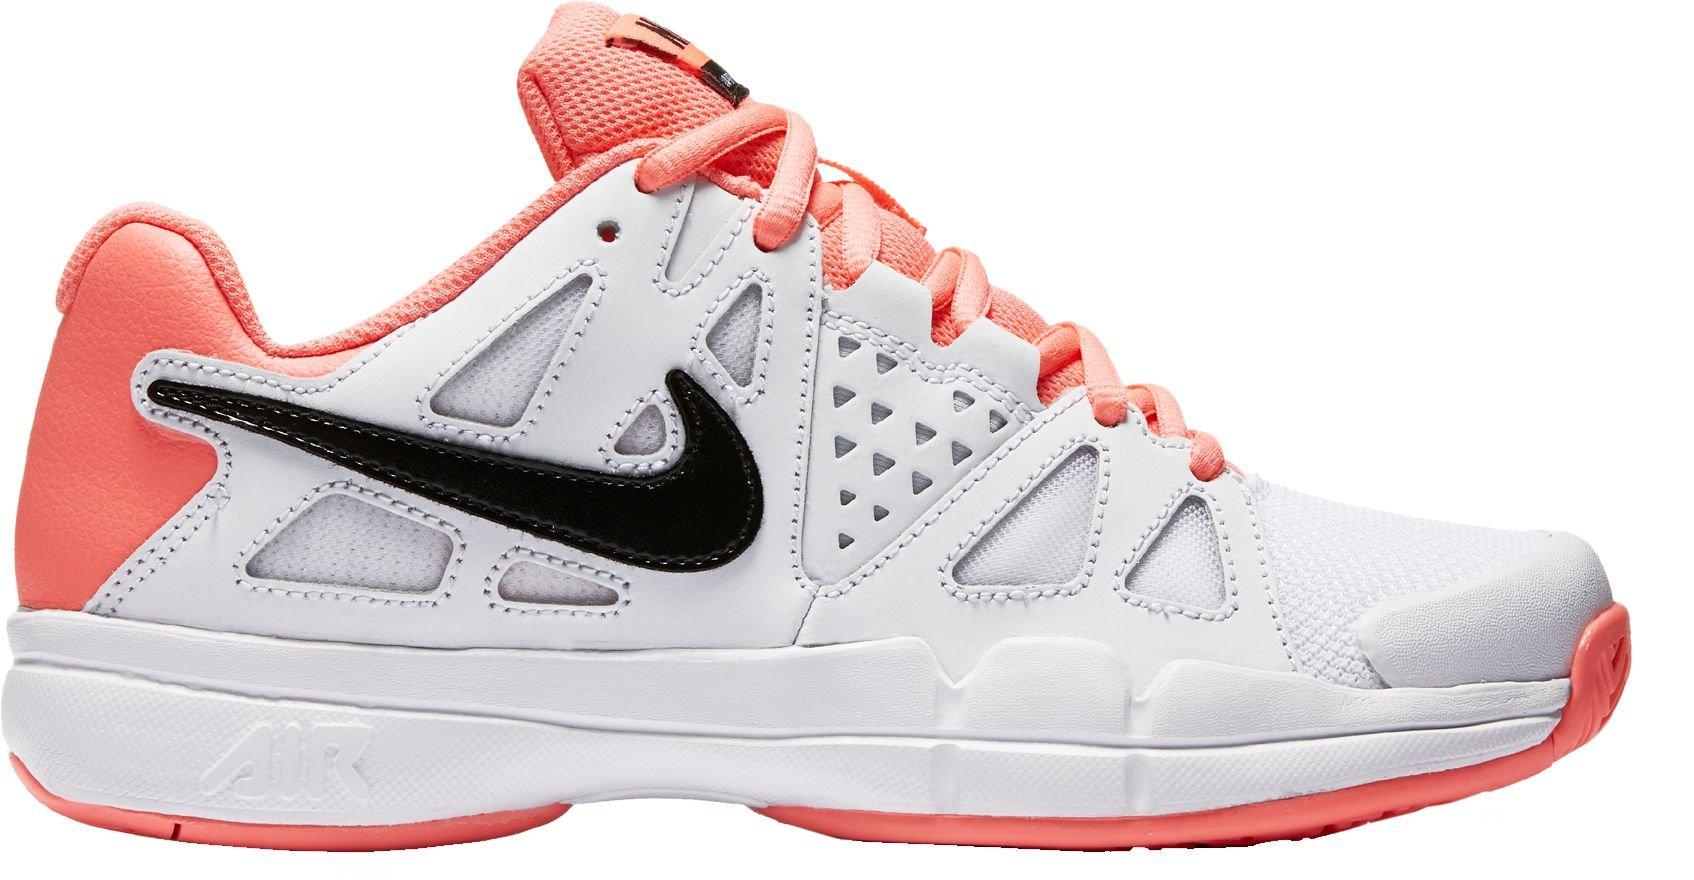 Nike Women's Air Vapor Advantage Tennis Shoe (White/Pink, 8)